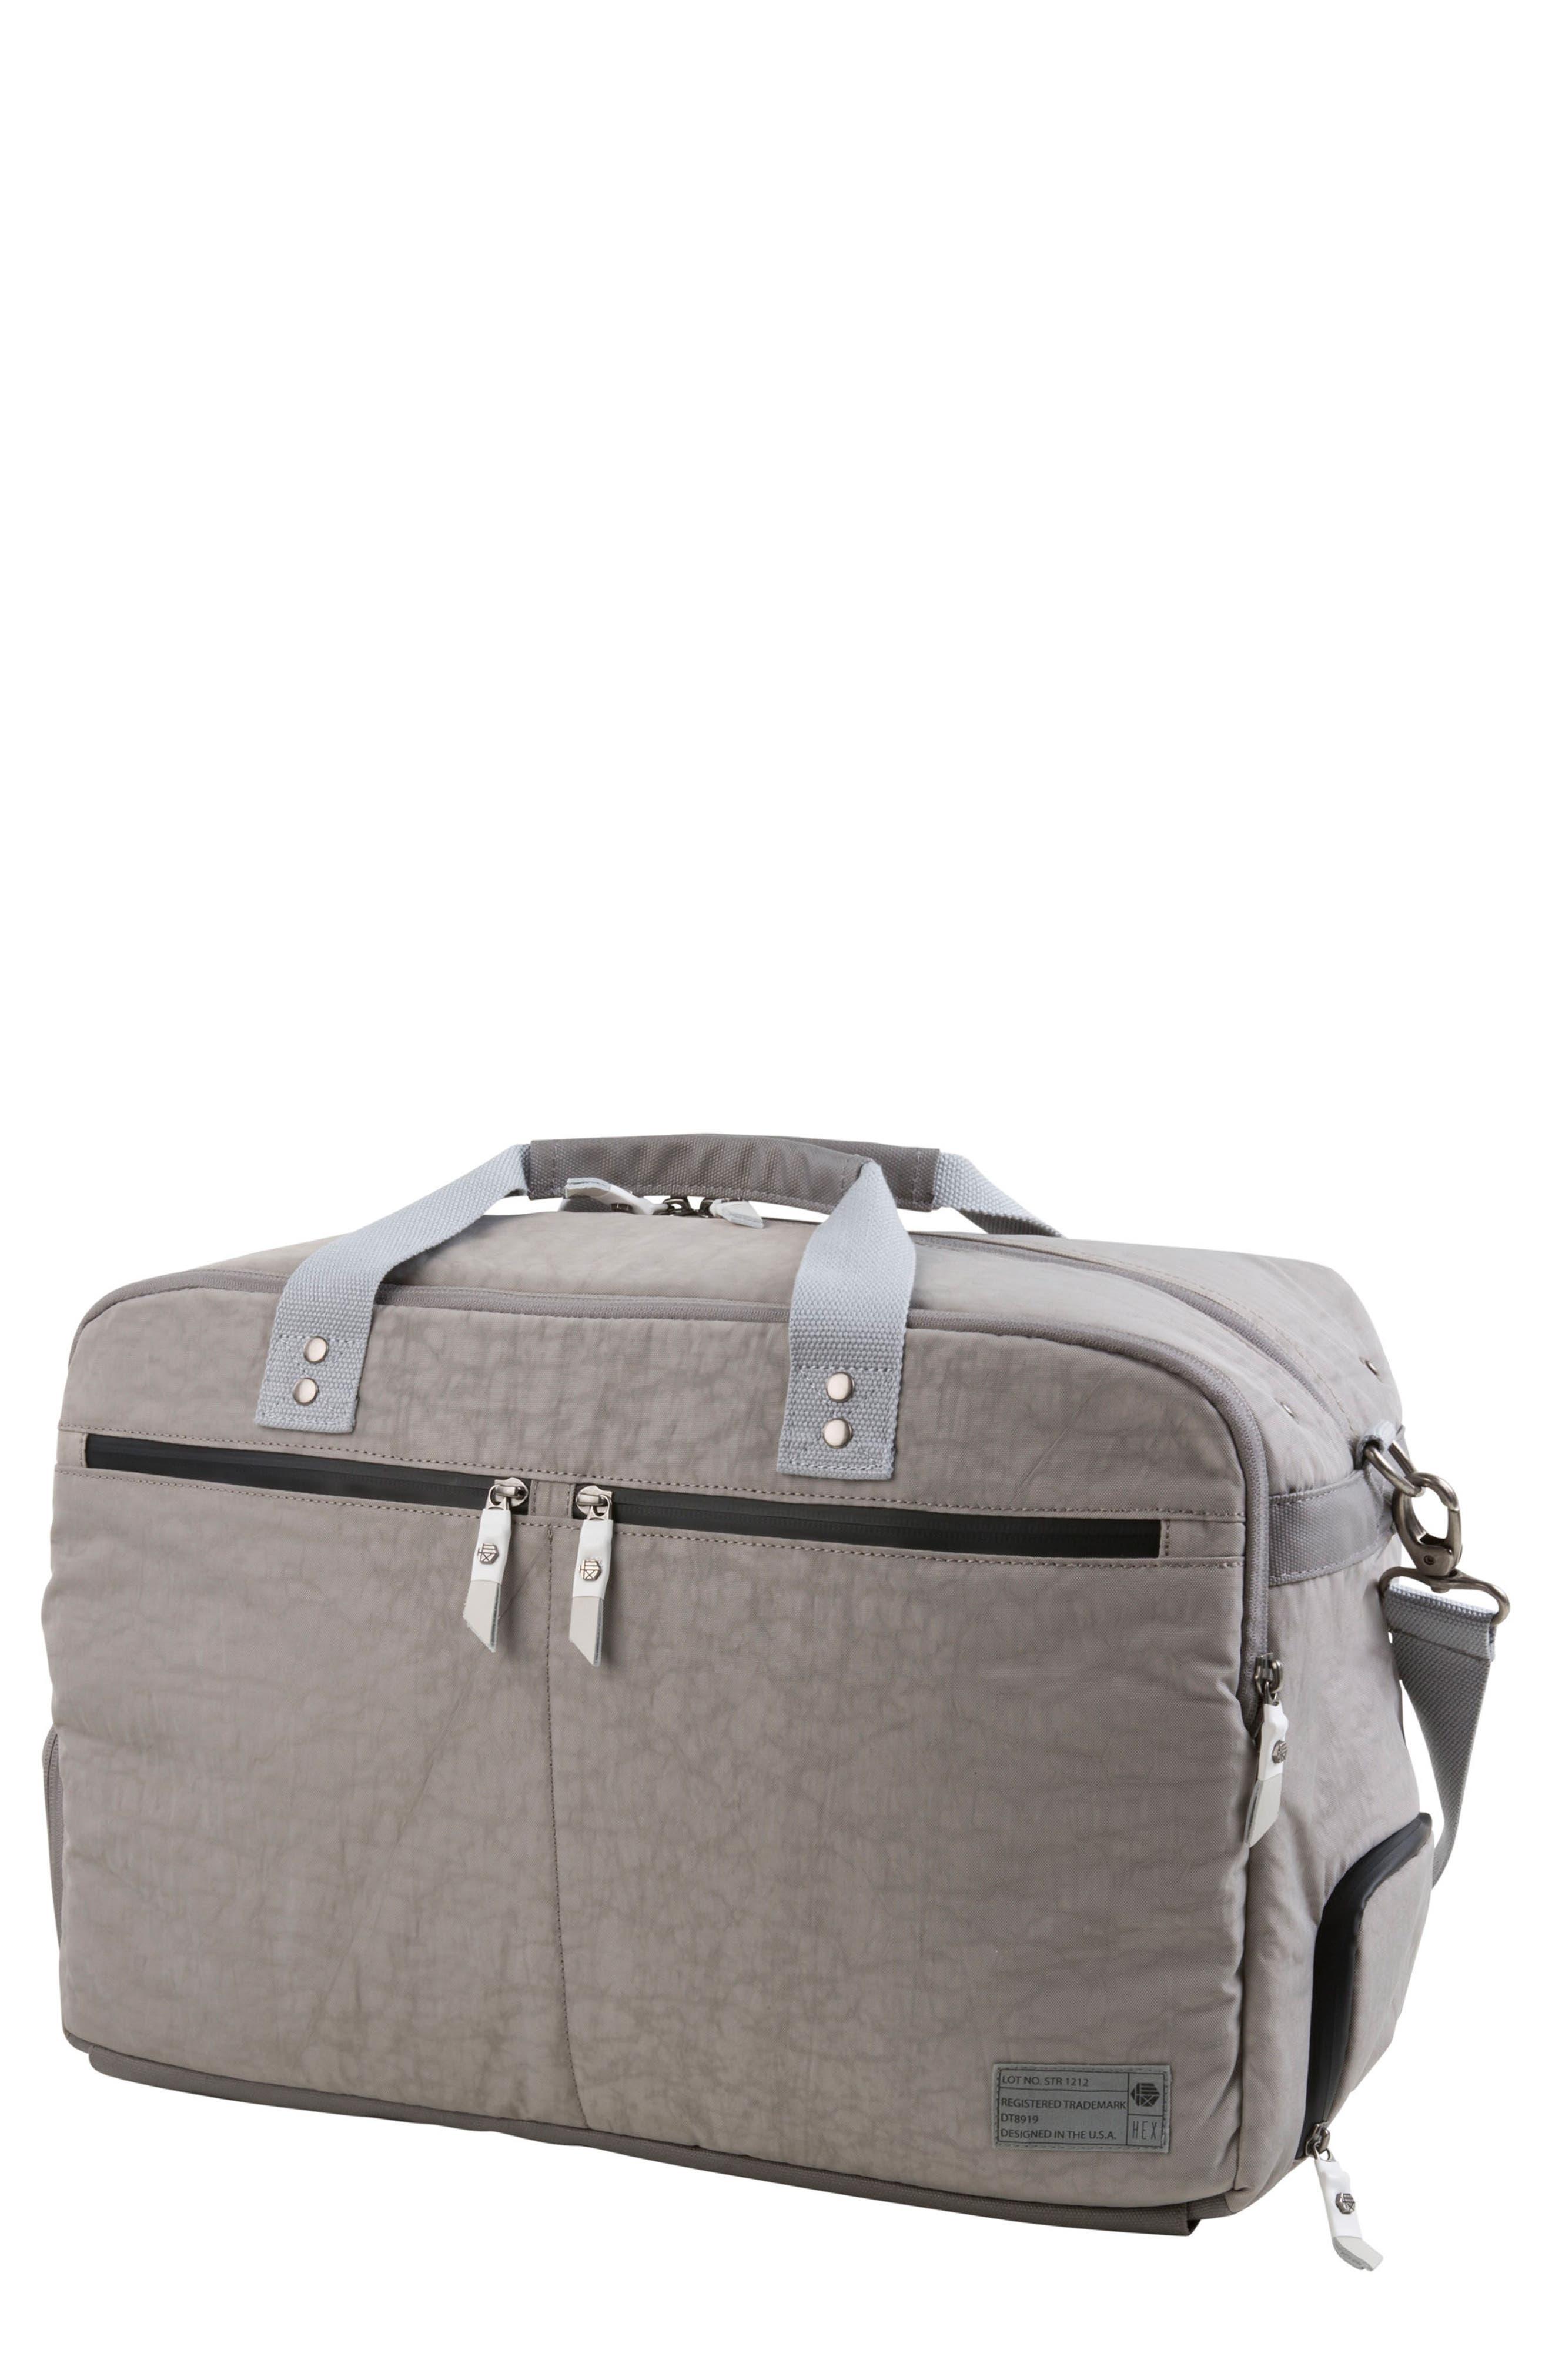 HEX Calibre Convertible Duffel Bag